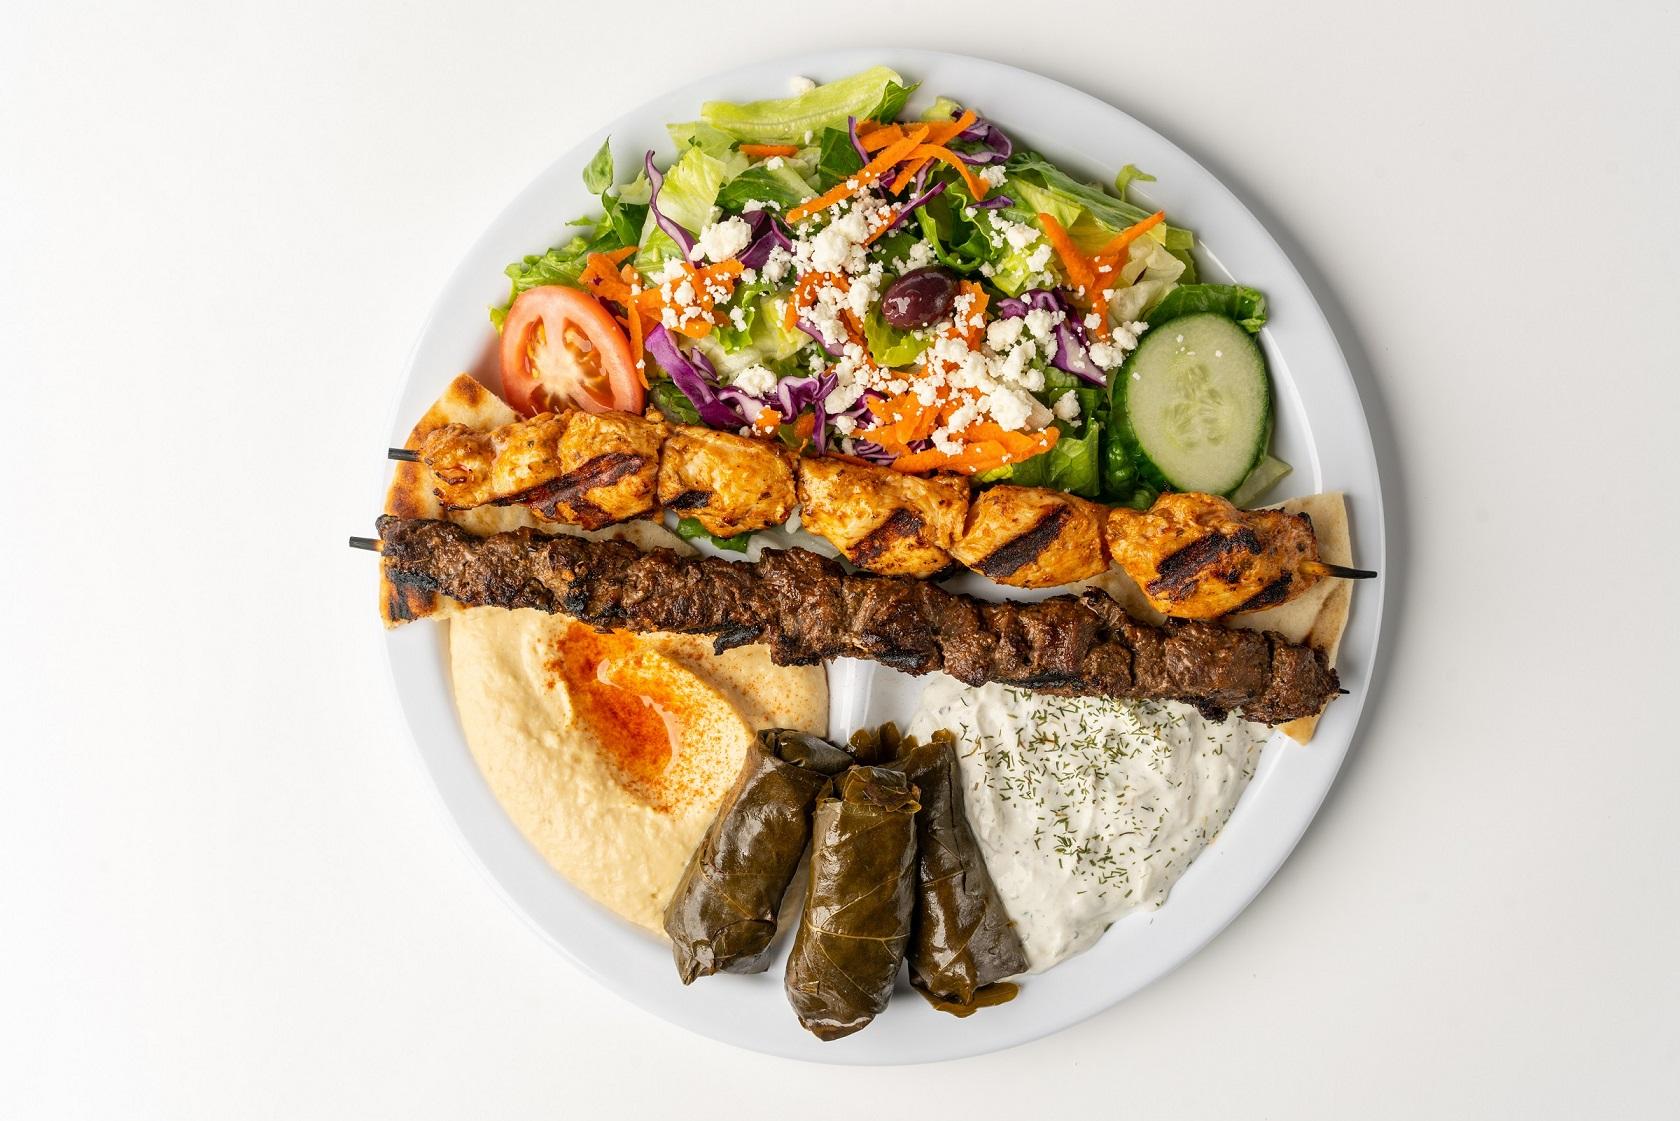 Grk Yeero Greek Mediterranean Cuisine Curbside Pickup Become a patron of yeero today: grk yeero greek mediterranean cuisine curbside pickup